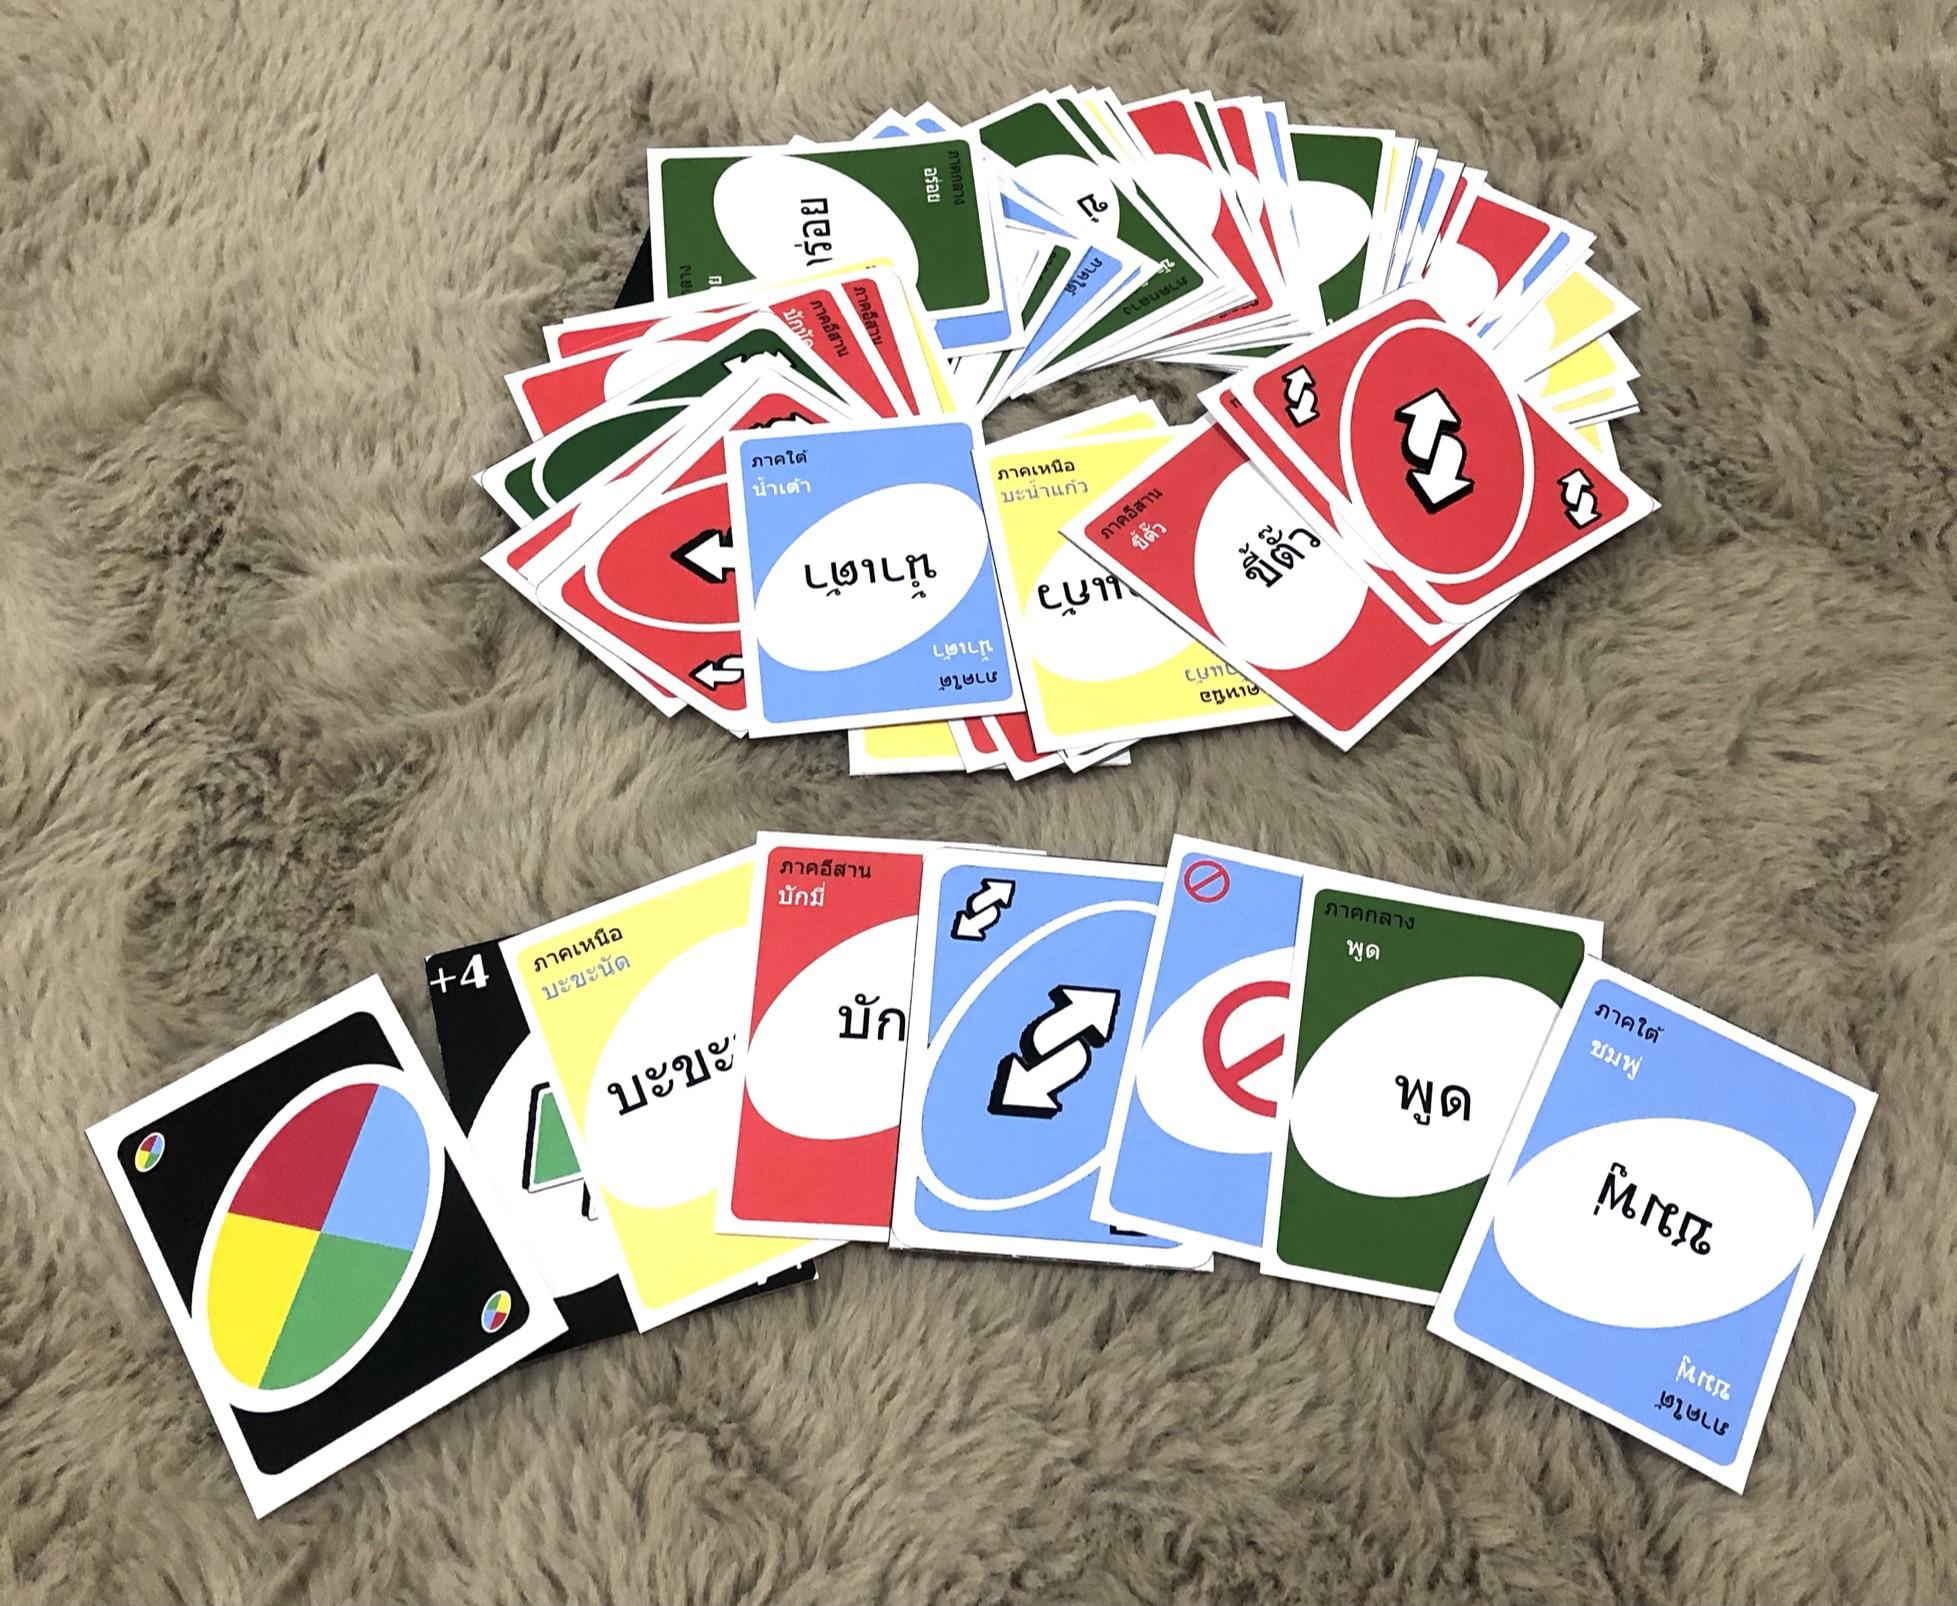 ภาพประกอบไอเดีย เกมง่าย ๆ ที่ทำให้เด็กทุกคนได้หัวเราะ